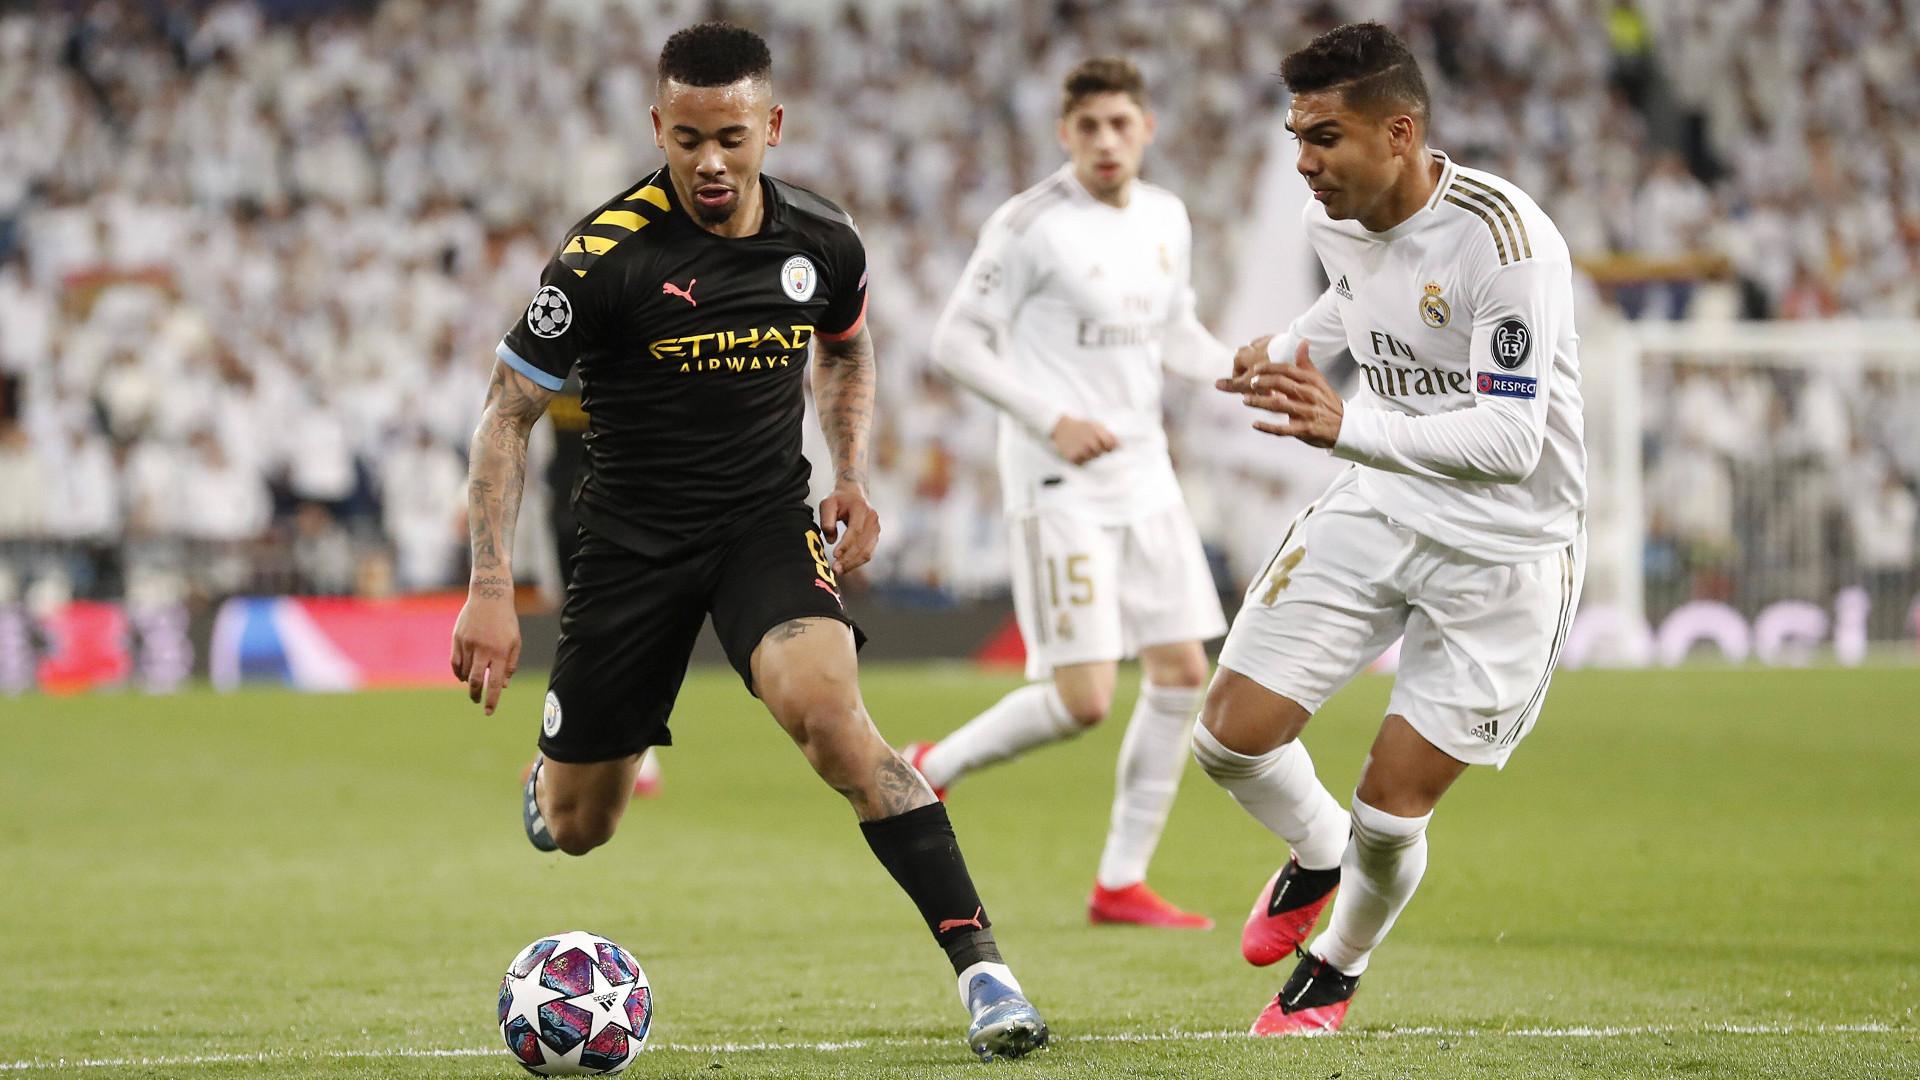 VIDÉO - Le Real Madrid prépare son choc face à Manchester City